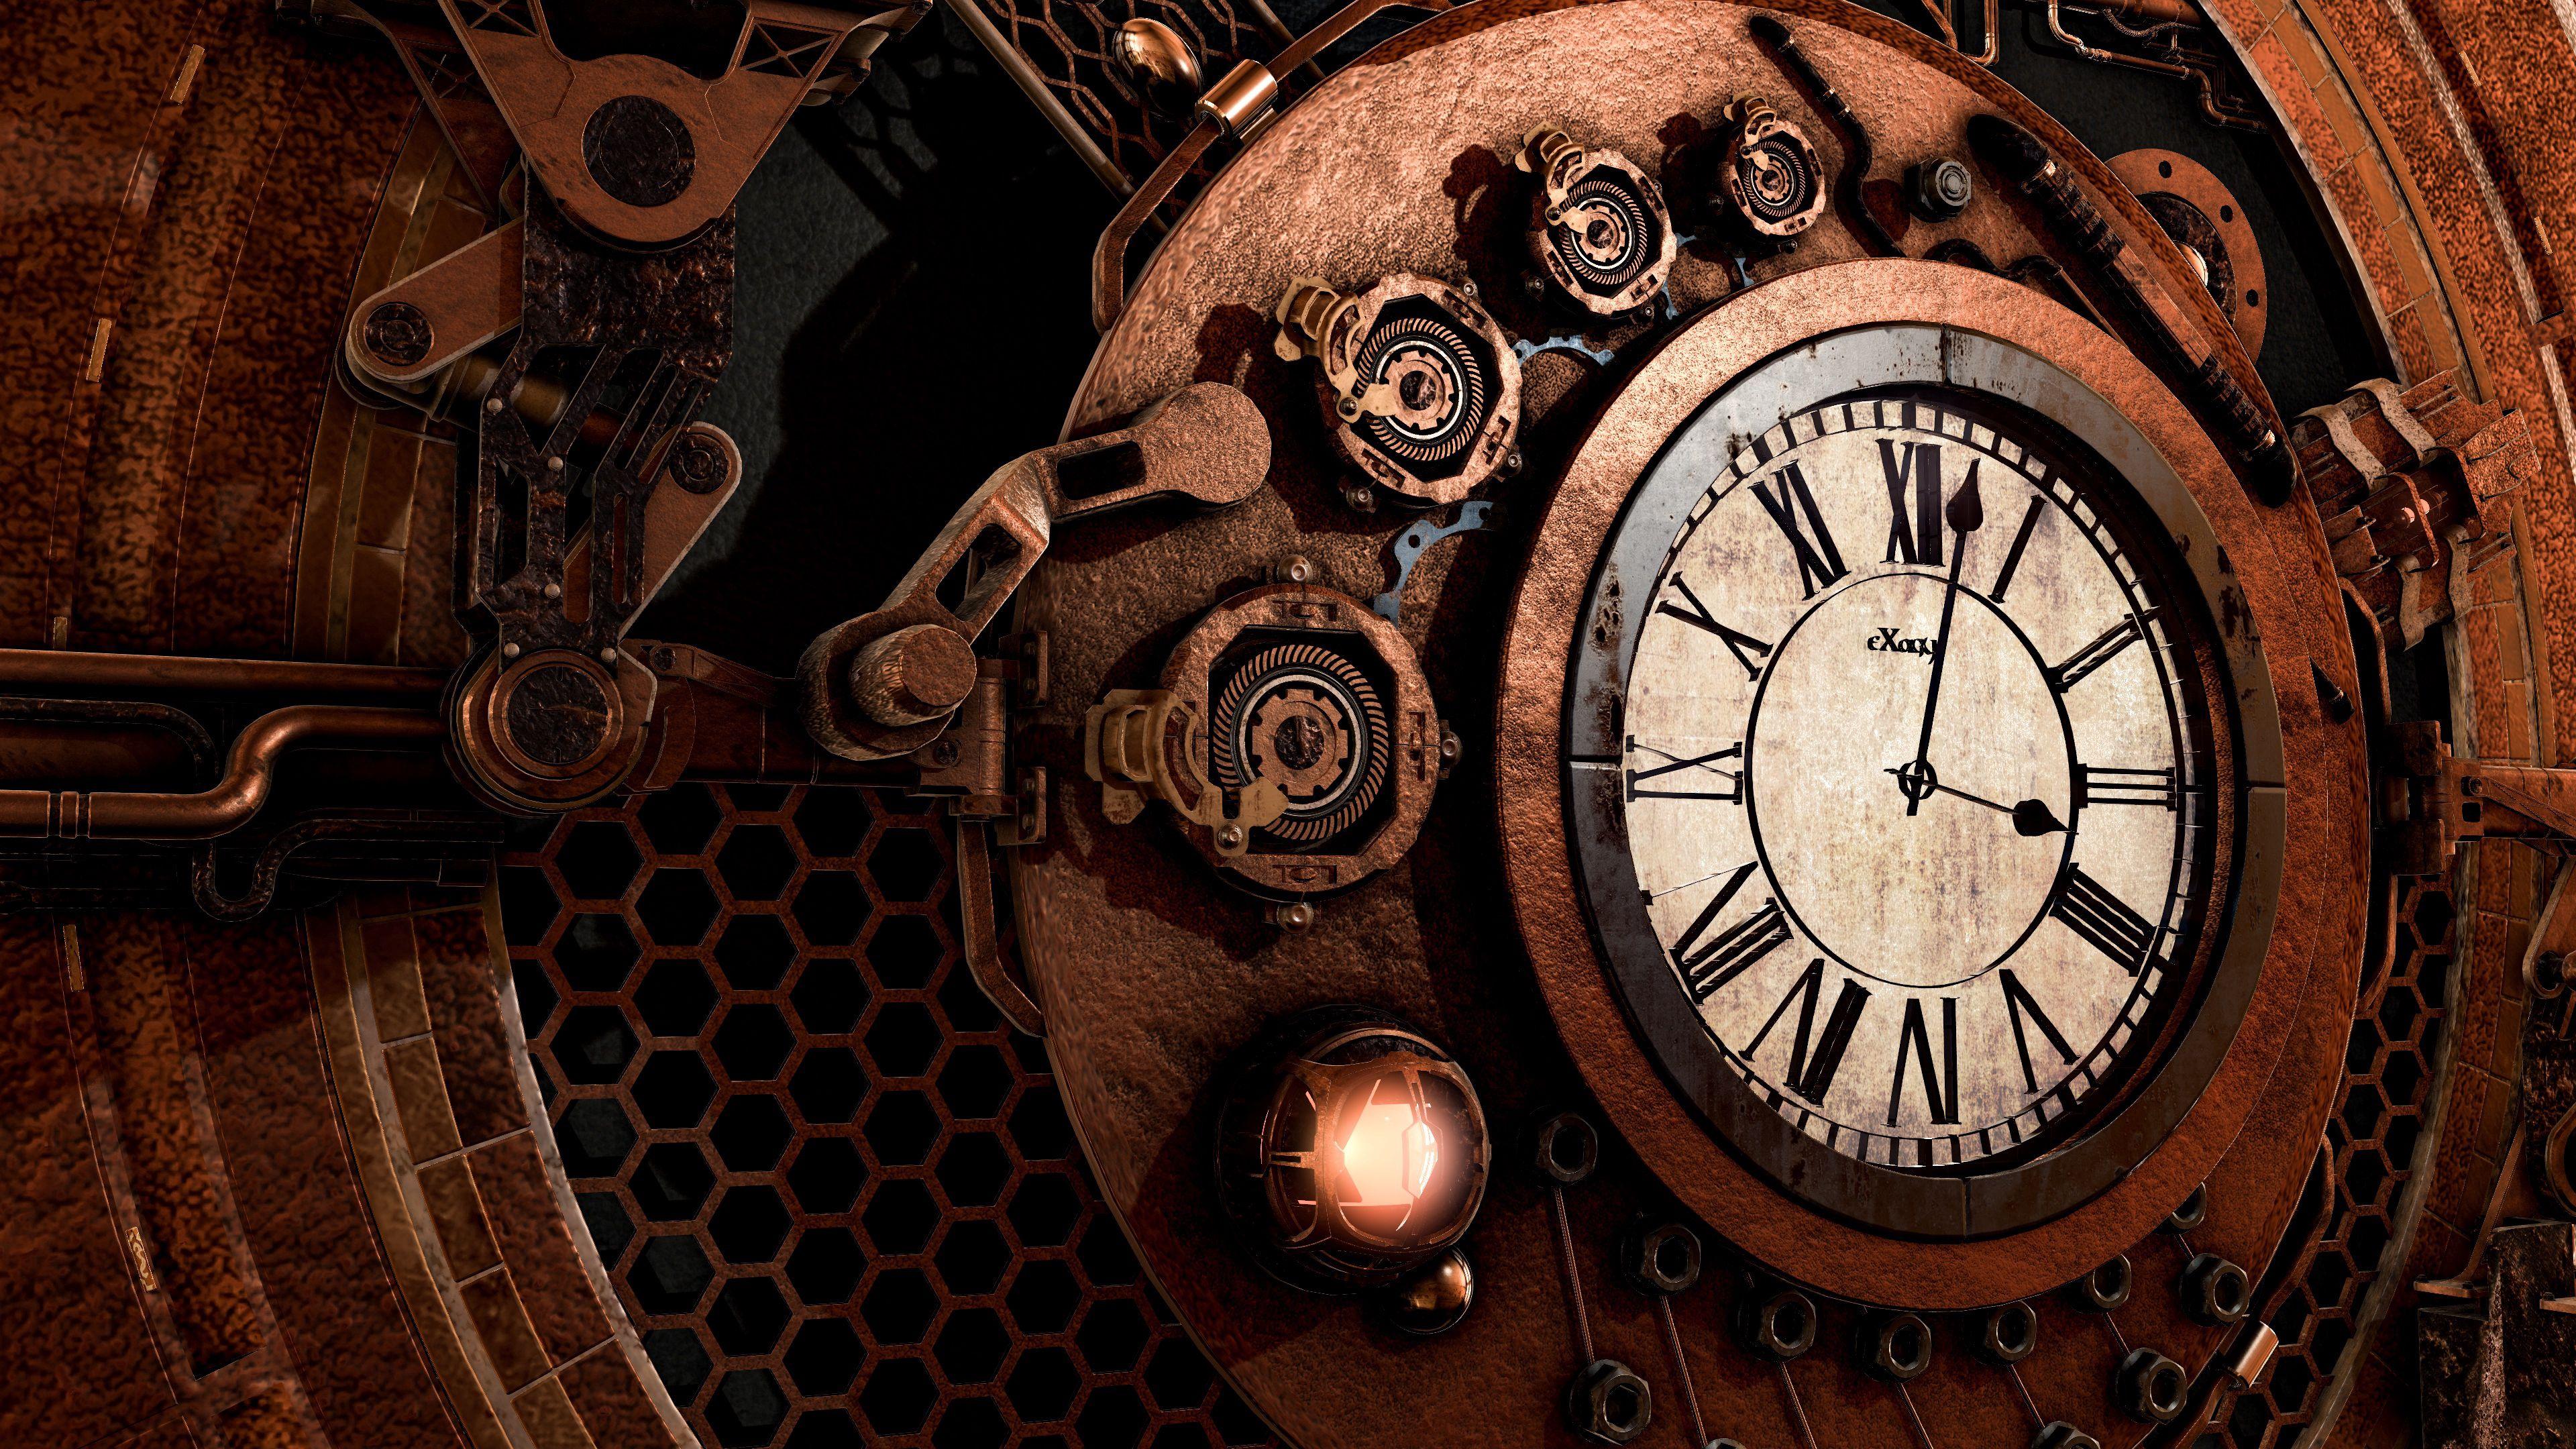 138098 télécharger le fond d'écran Divers, Mécanisme, Steampunk, Temps, C'est L'heure, Flèches, Cadran De L'horloge, Cadran, Horloge - économiseurs d'écran et images gratuitement